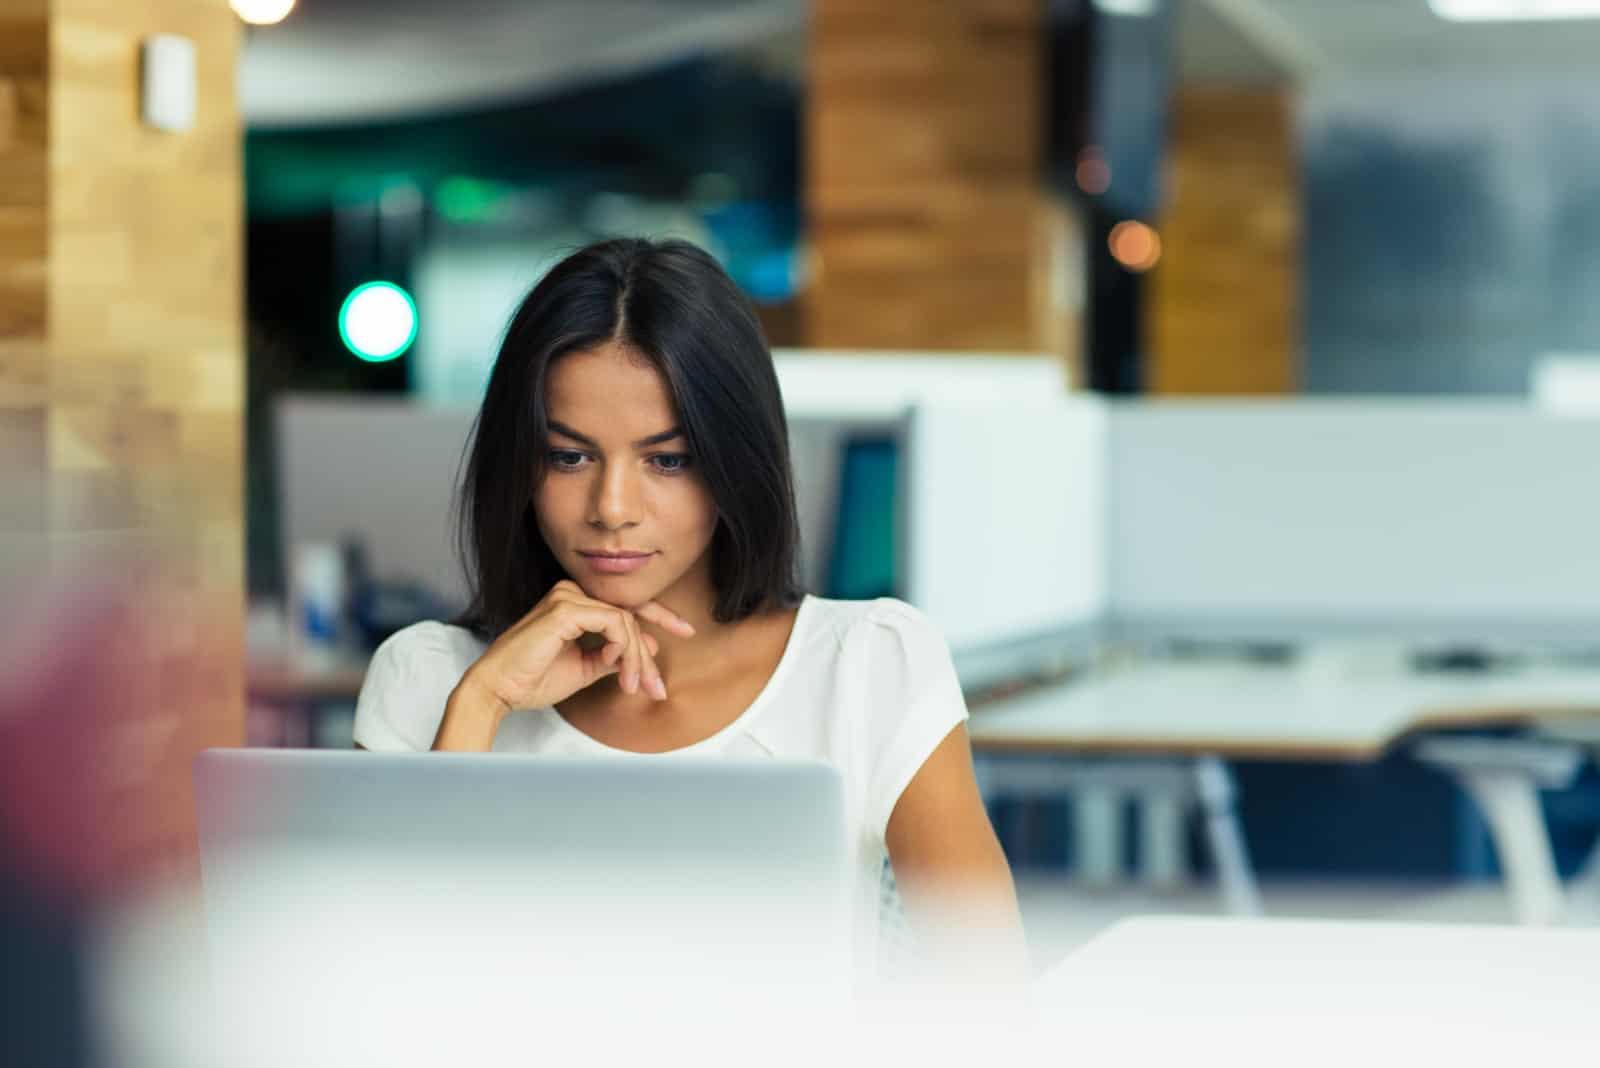 une femme imaginaire assise derrière un ordinateur portable